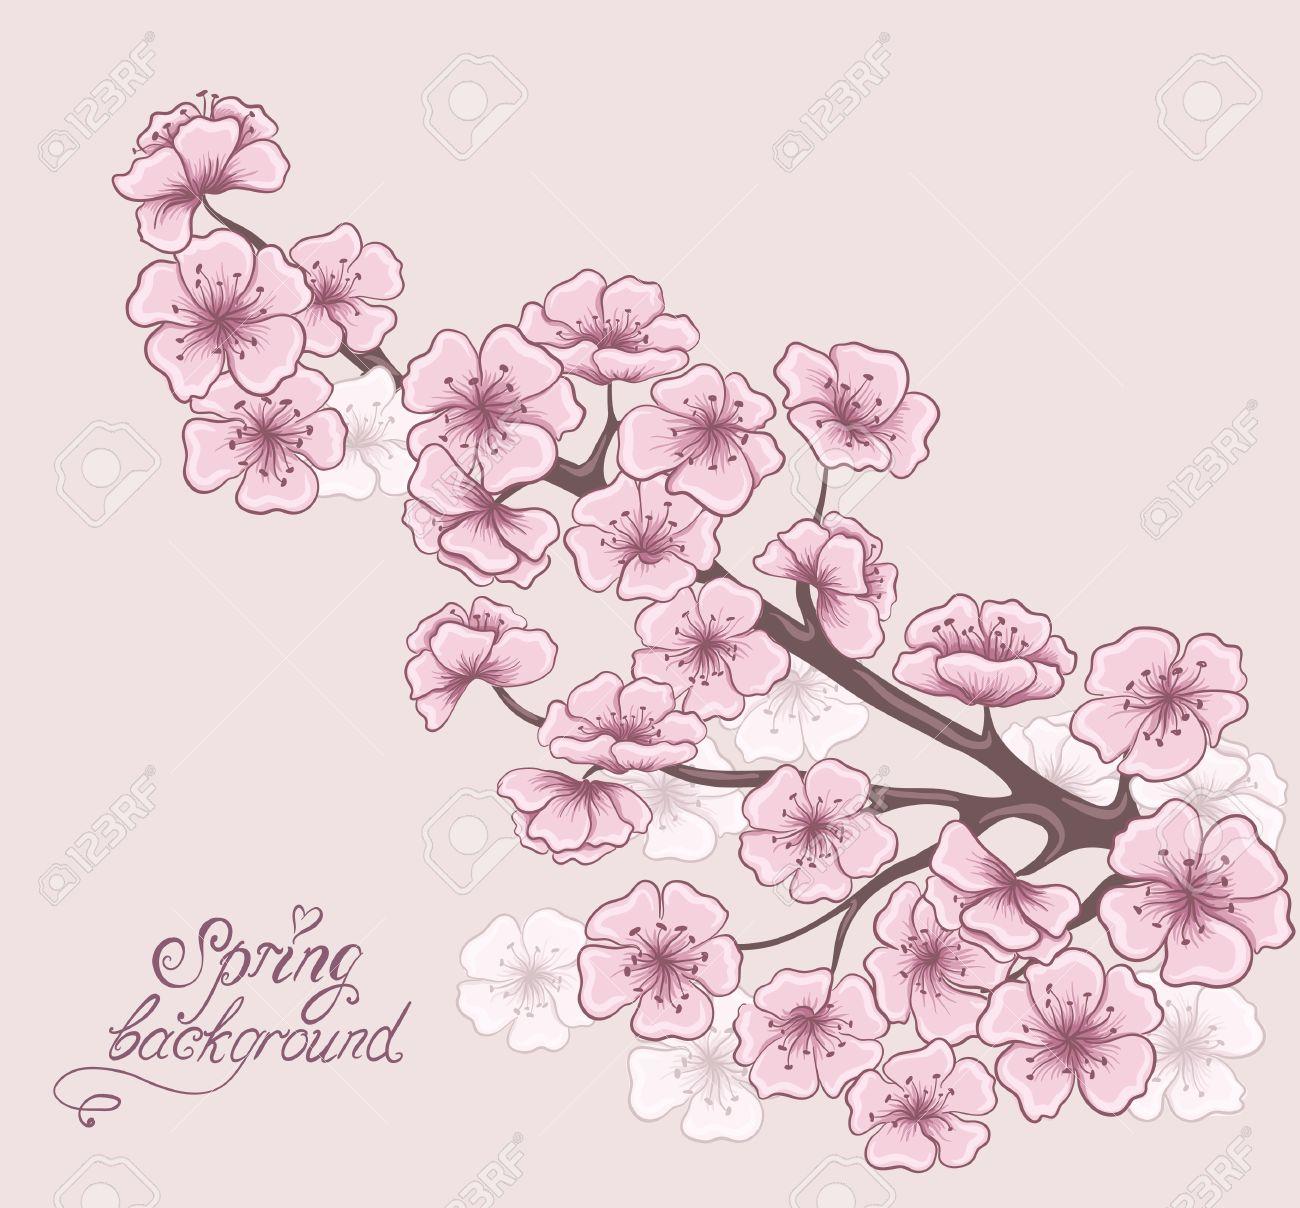 Rama De Cerezo En Flor Primavera Decorativo Floral De Fondo Dibujo